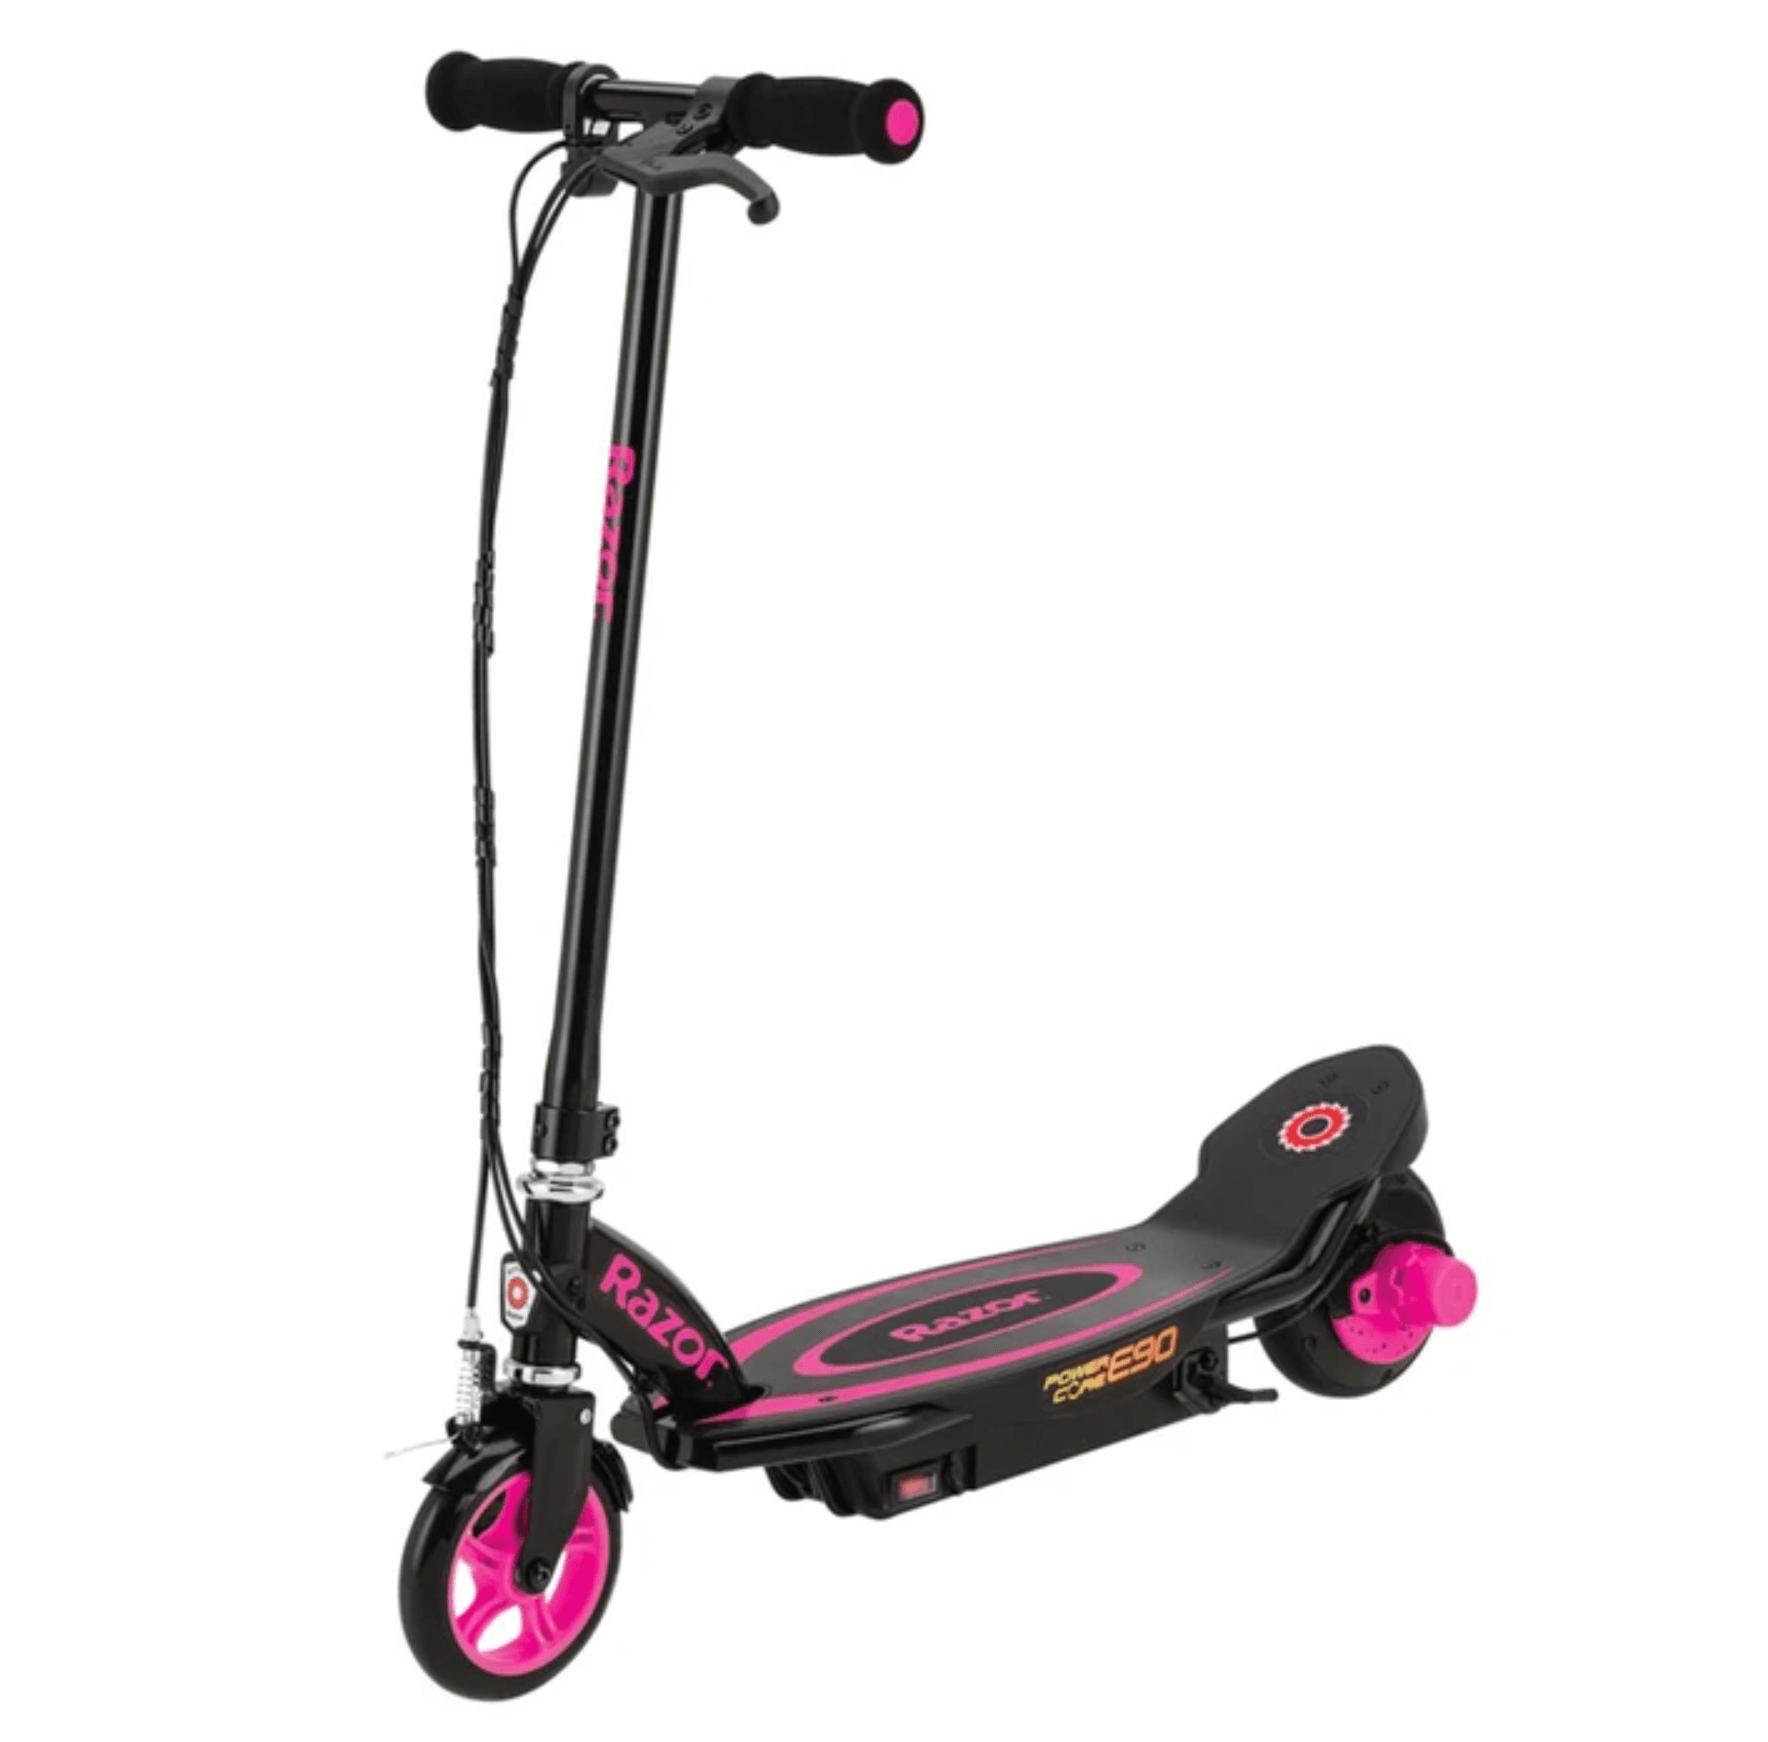 Razor powercore in bright girly pink